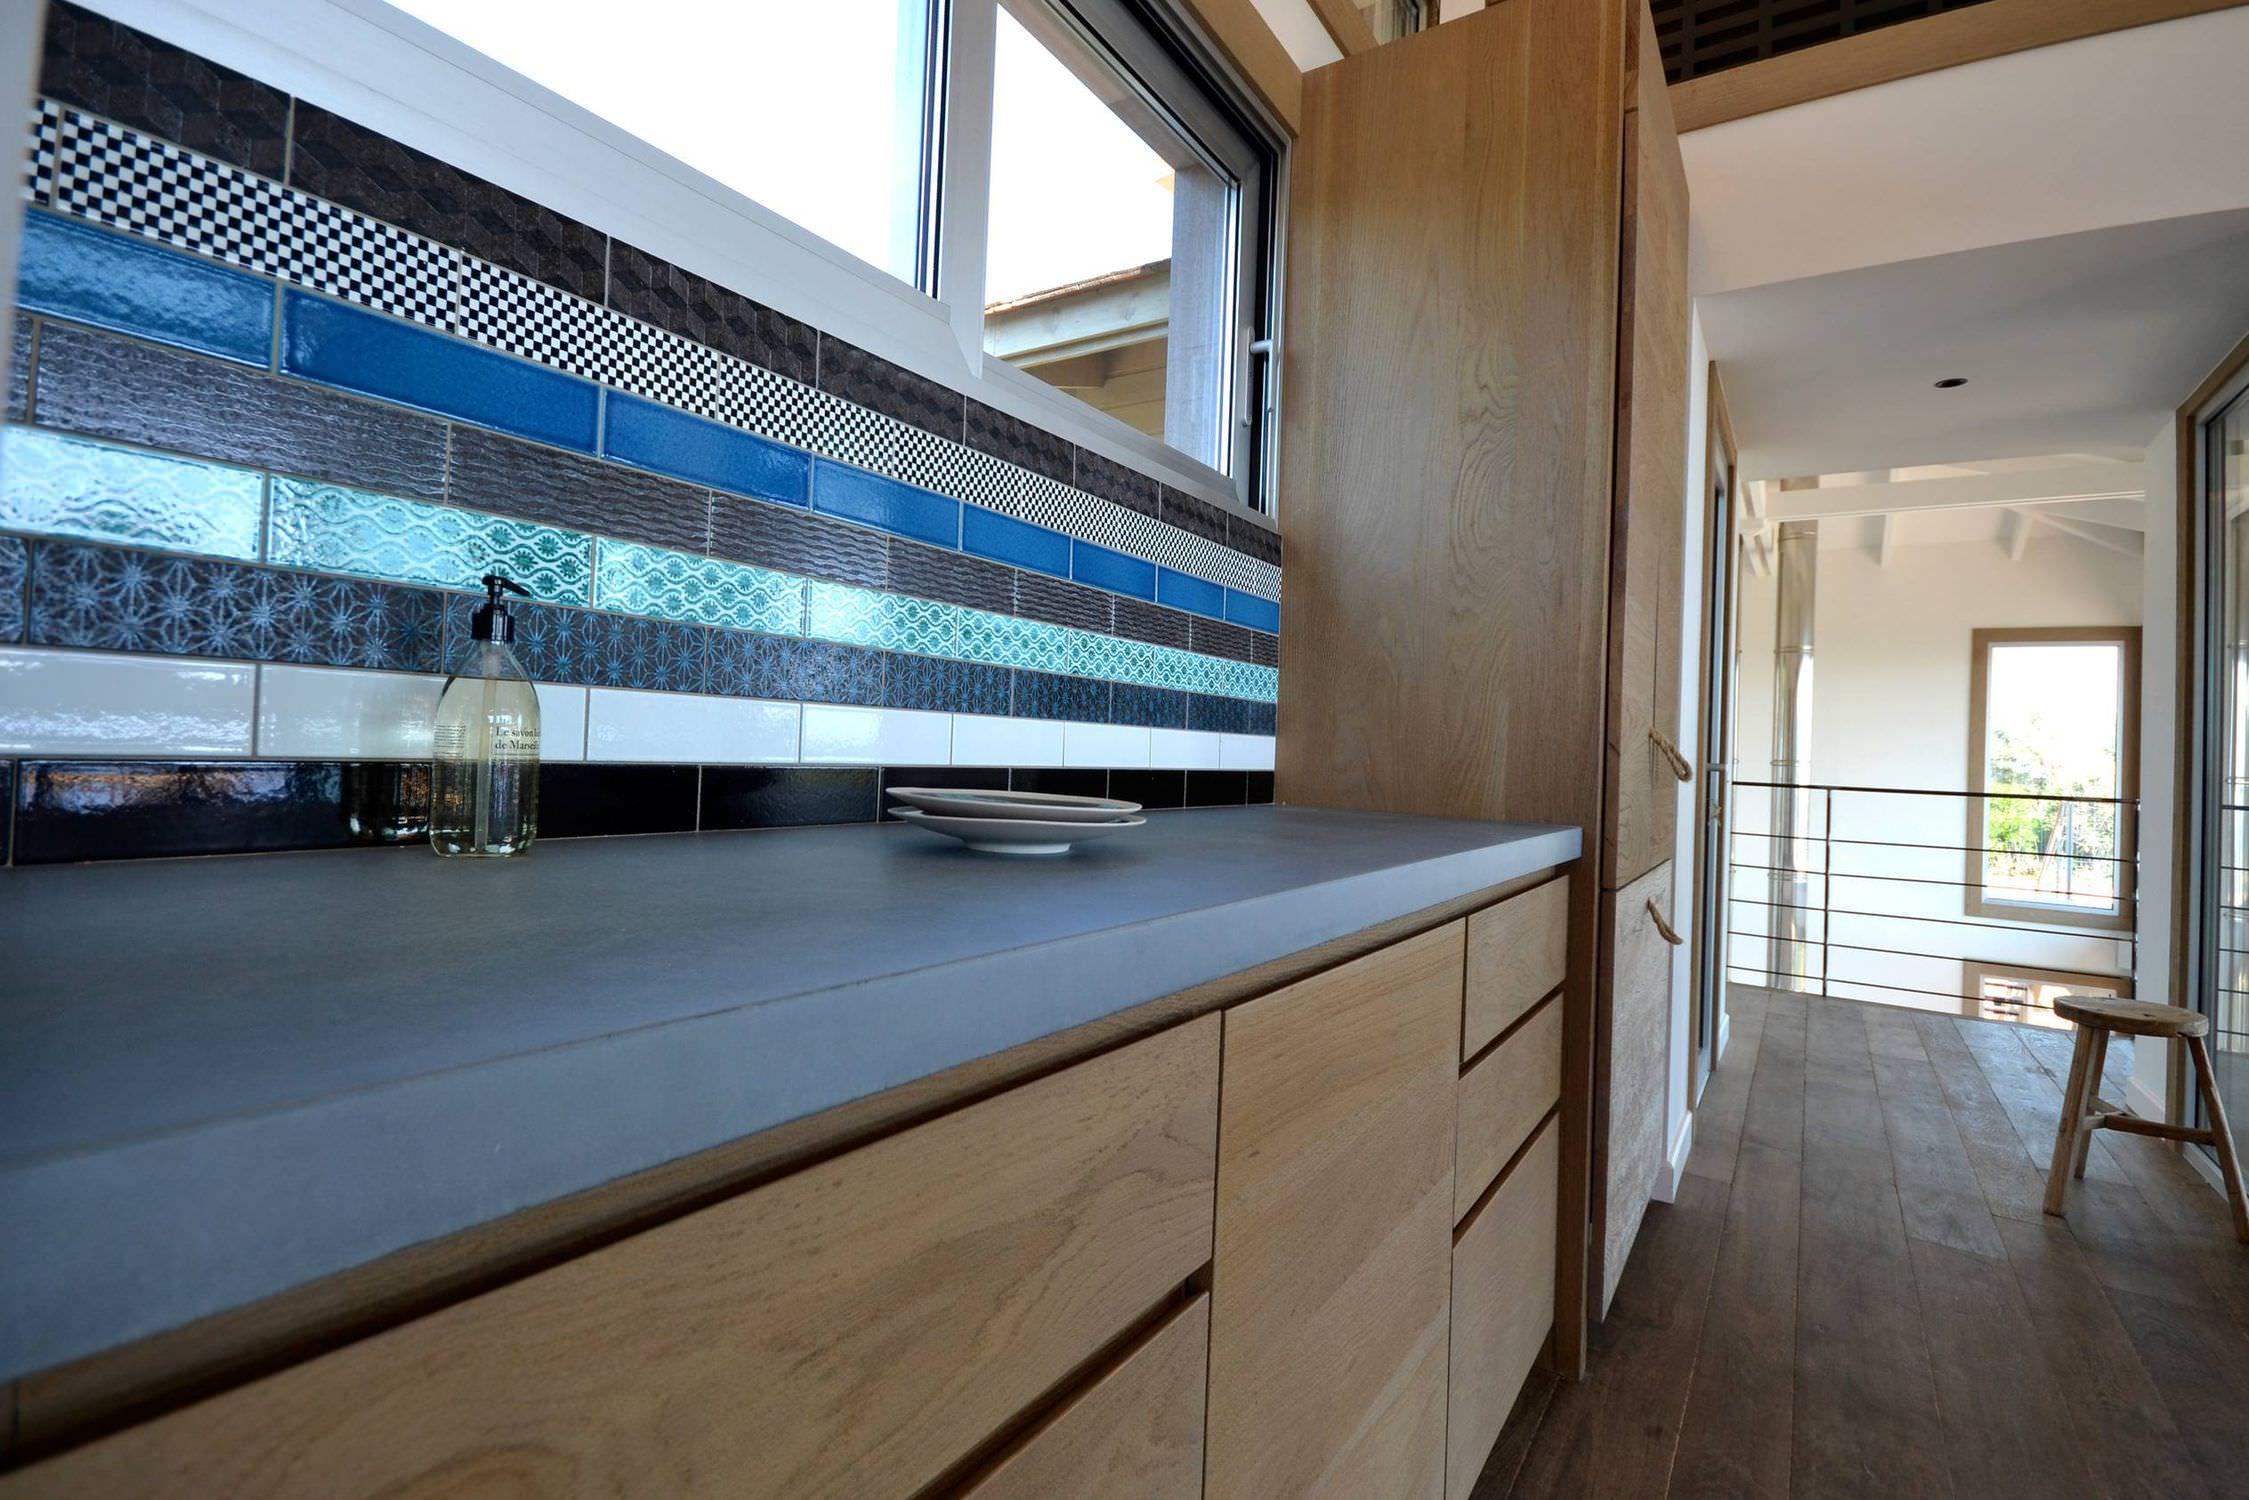 Beton-Arbeitsplatte / Küchen - Ilôt central en béton allegé ...